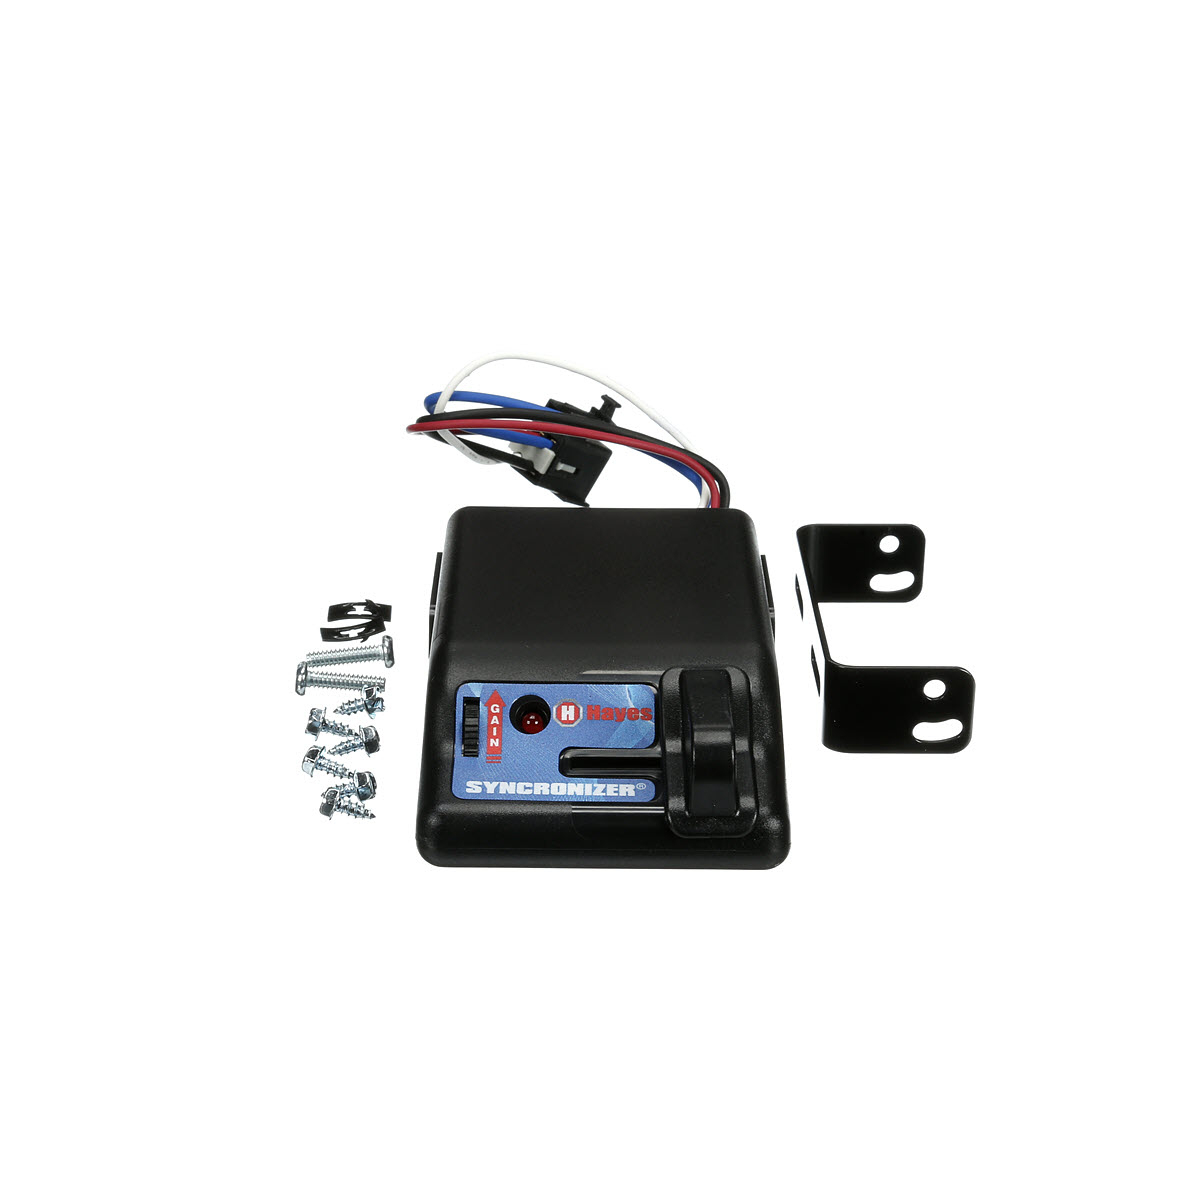 Trailer Brake Controller Wiring | Hayes Towing Electronics - Hayes Brake Controller Wiring Diagram